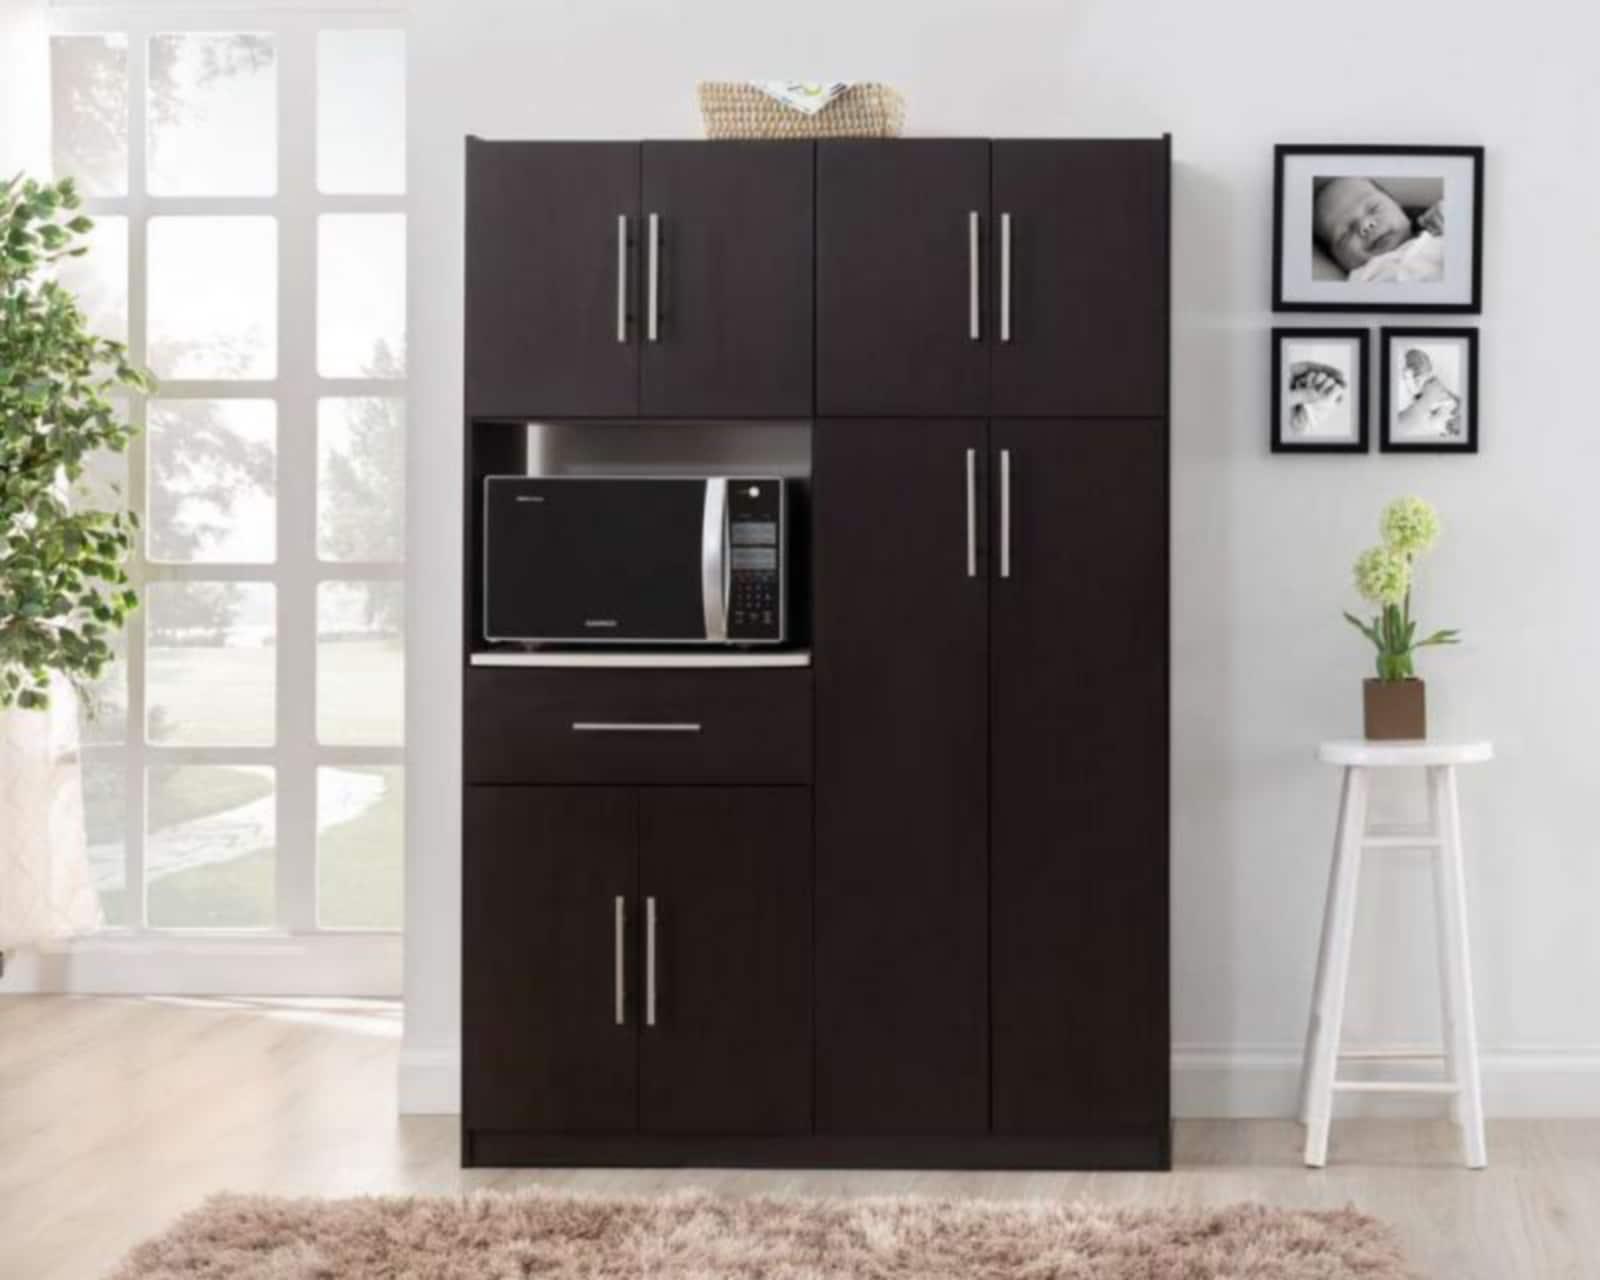 Alacena toscana con 8 puertas coppel for Puertas para muebles de cocina baratas